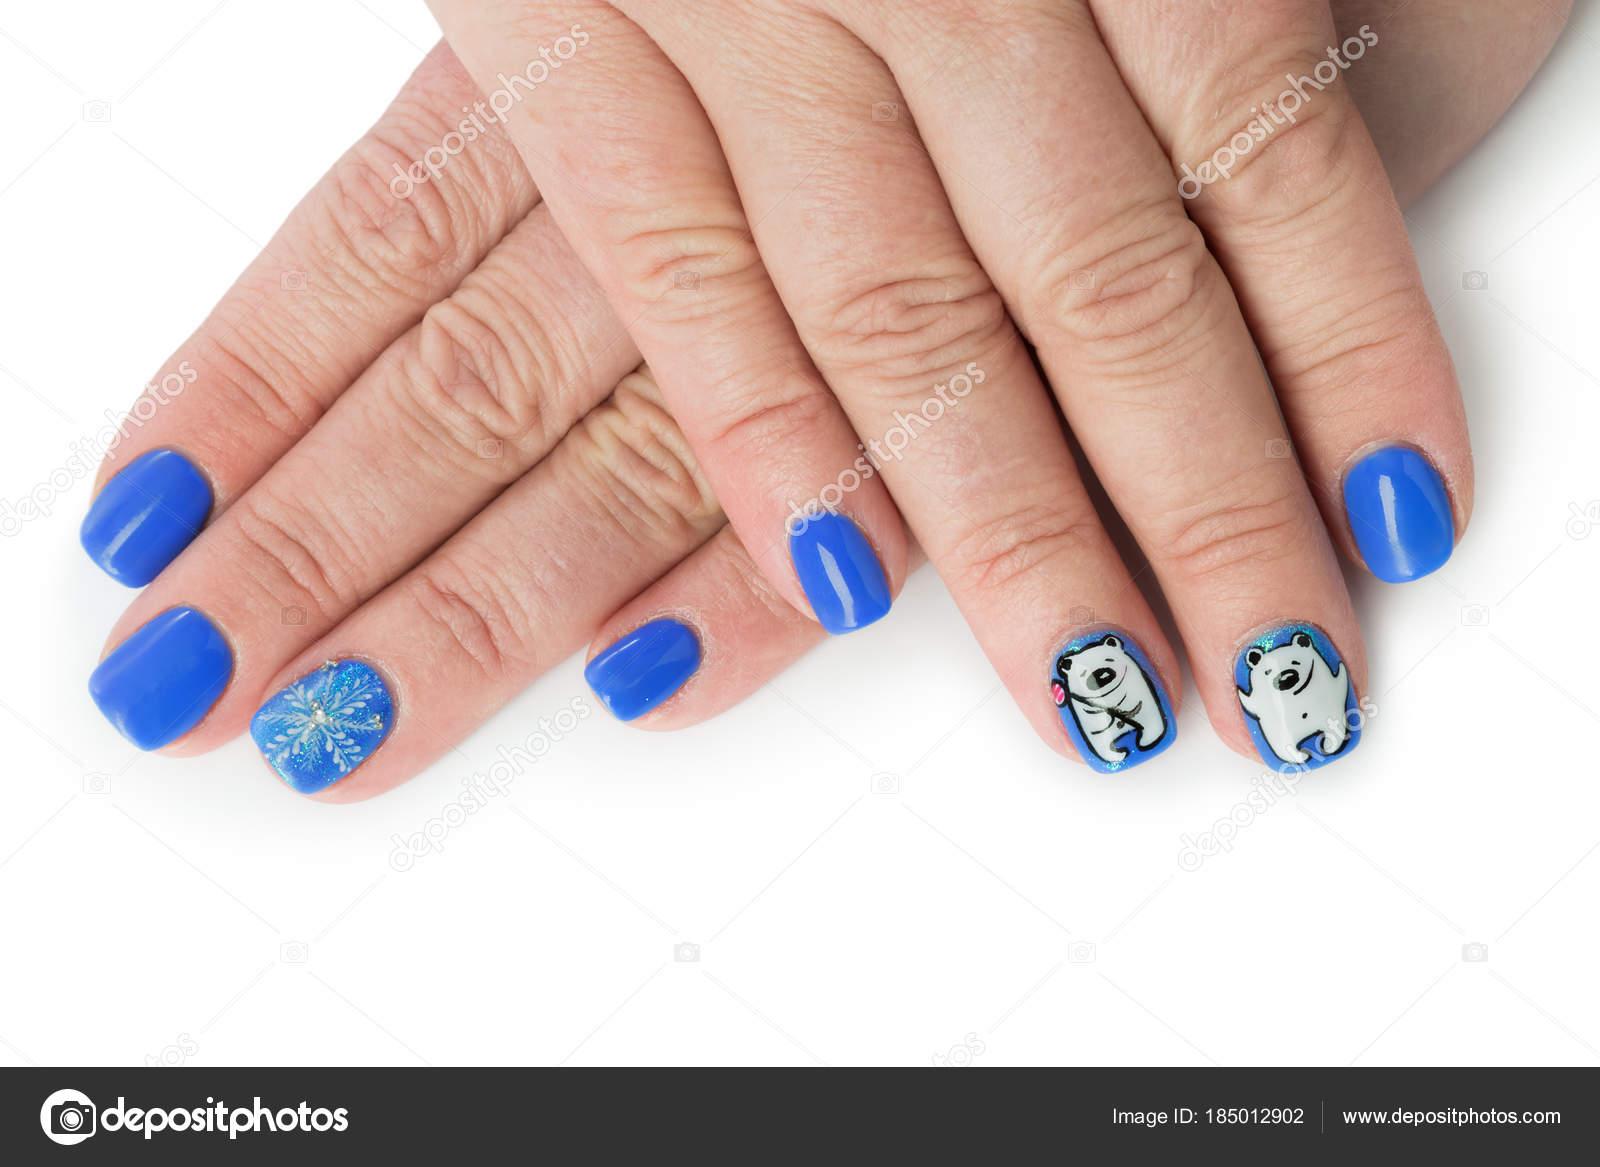 Malerisch Muster Fingernägel Foto Von Fingernagel Mit Winter Isoliert Auf Weißem Hintergrund